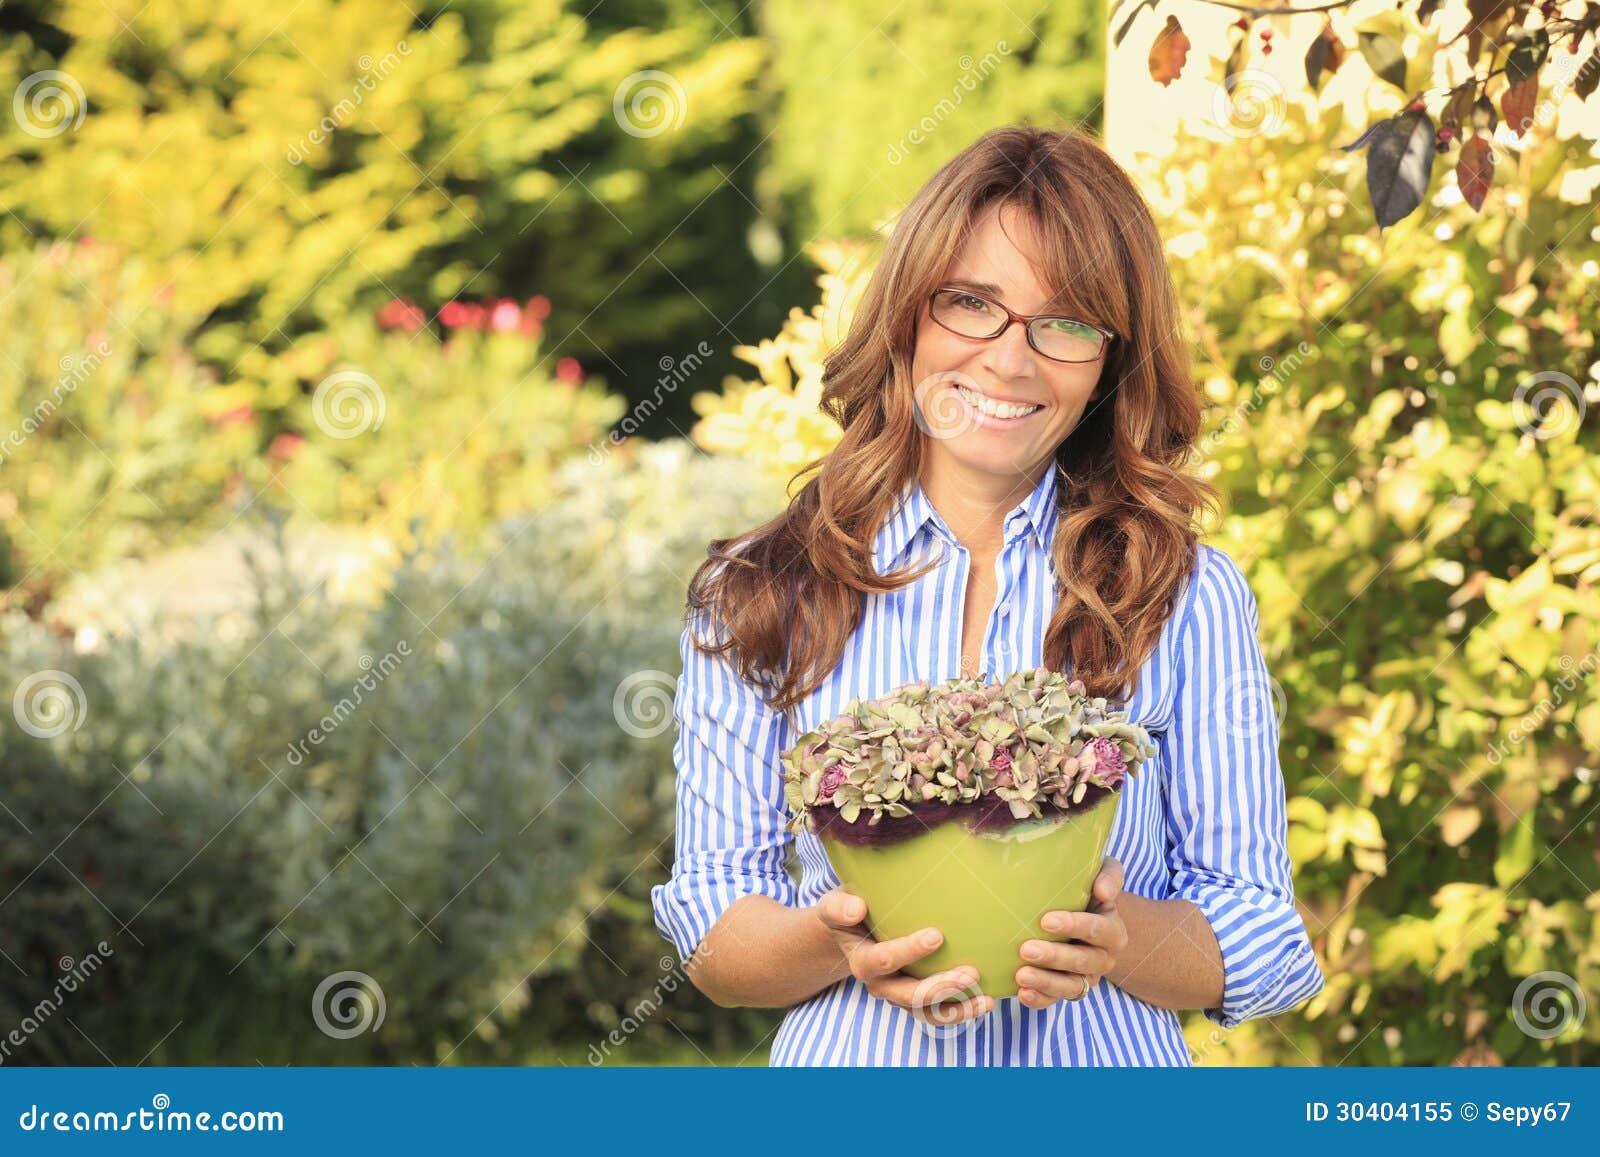 Beautiful Smiling Mature Woman Gardening Royalty Free